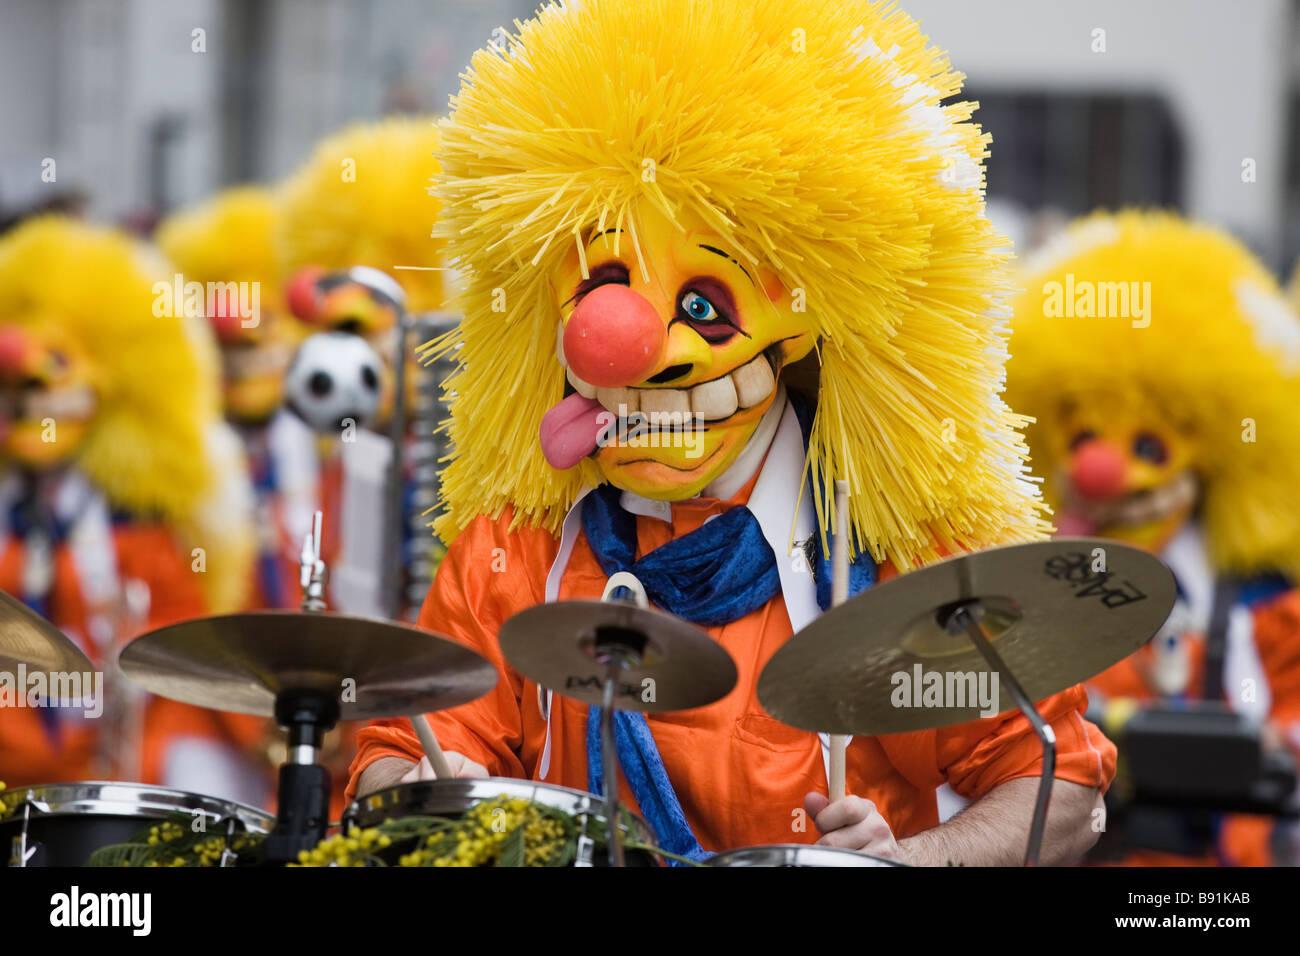 Il Carnevale, un winter carnival nel nord-ovest la città svizzera di Basilea Immagini Stock